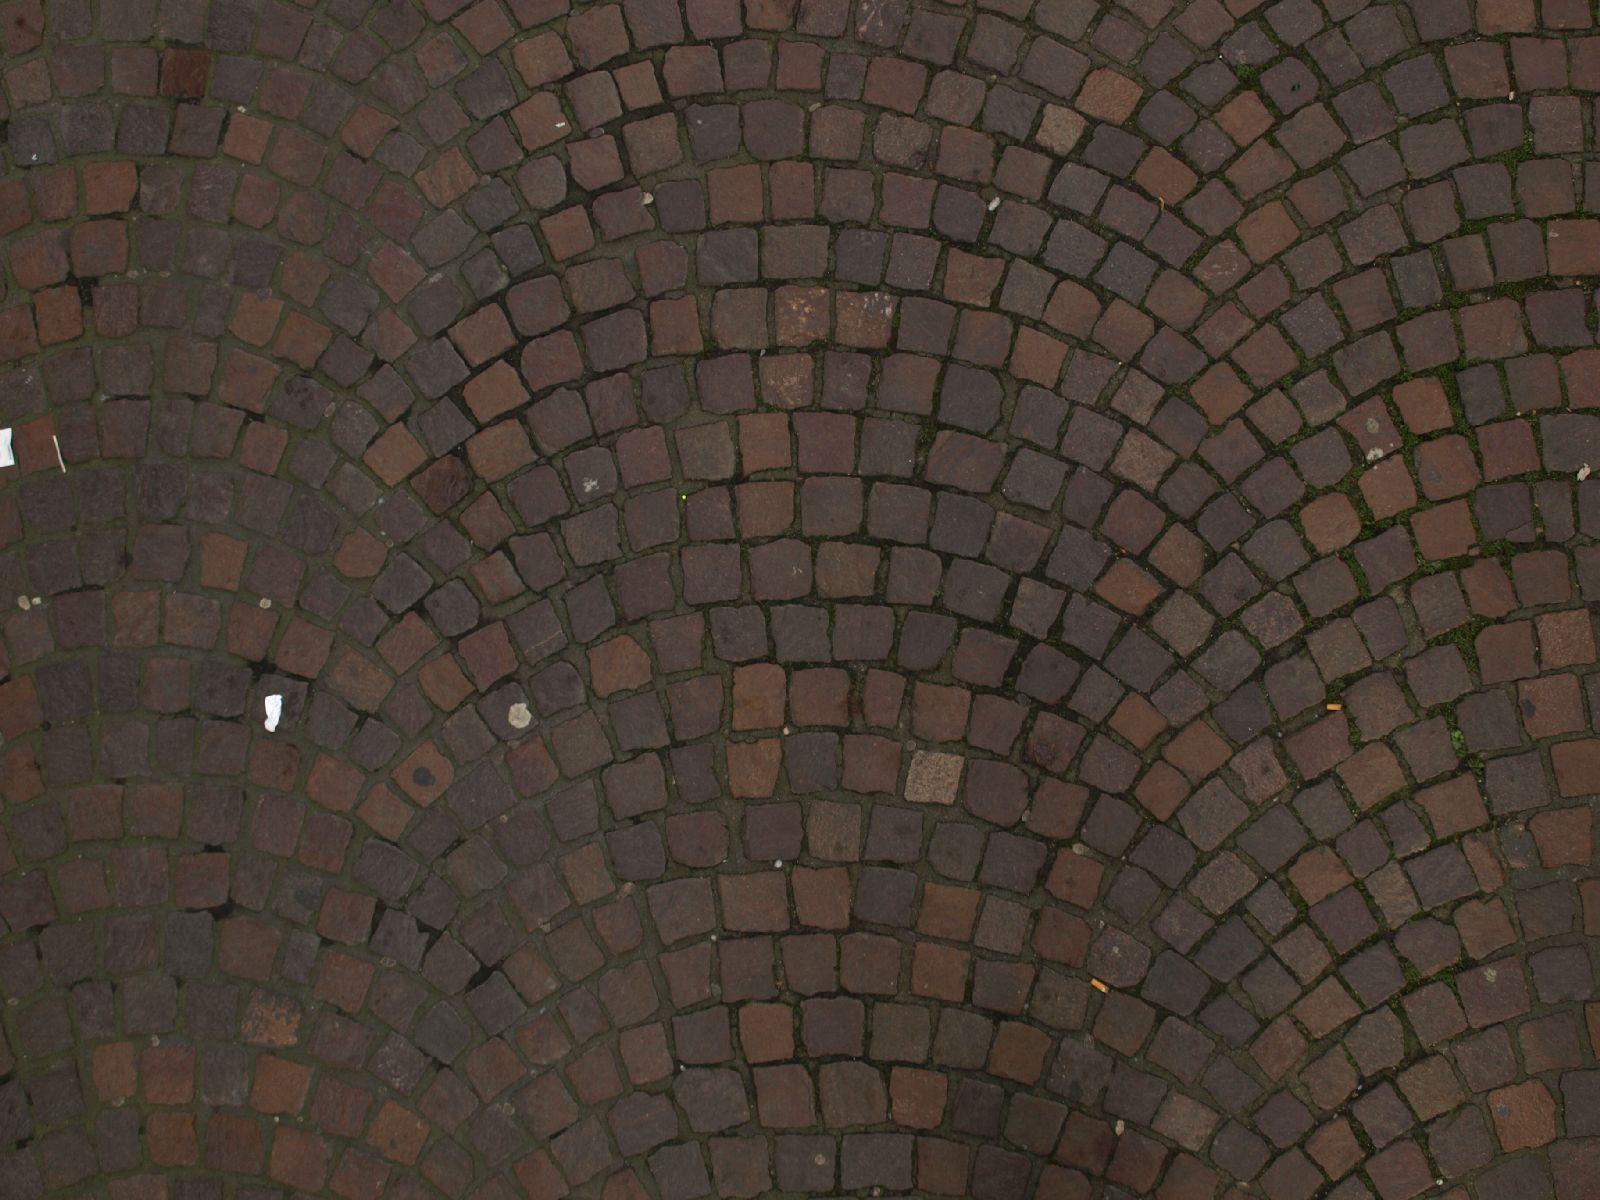 Boden-Gehweg-Strasse-Buergersteig-Textur_A_PB010920